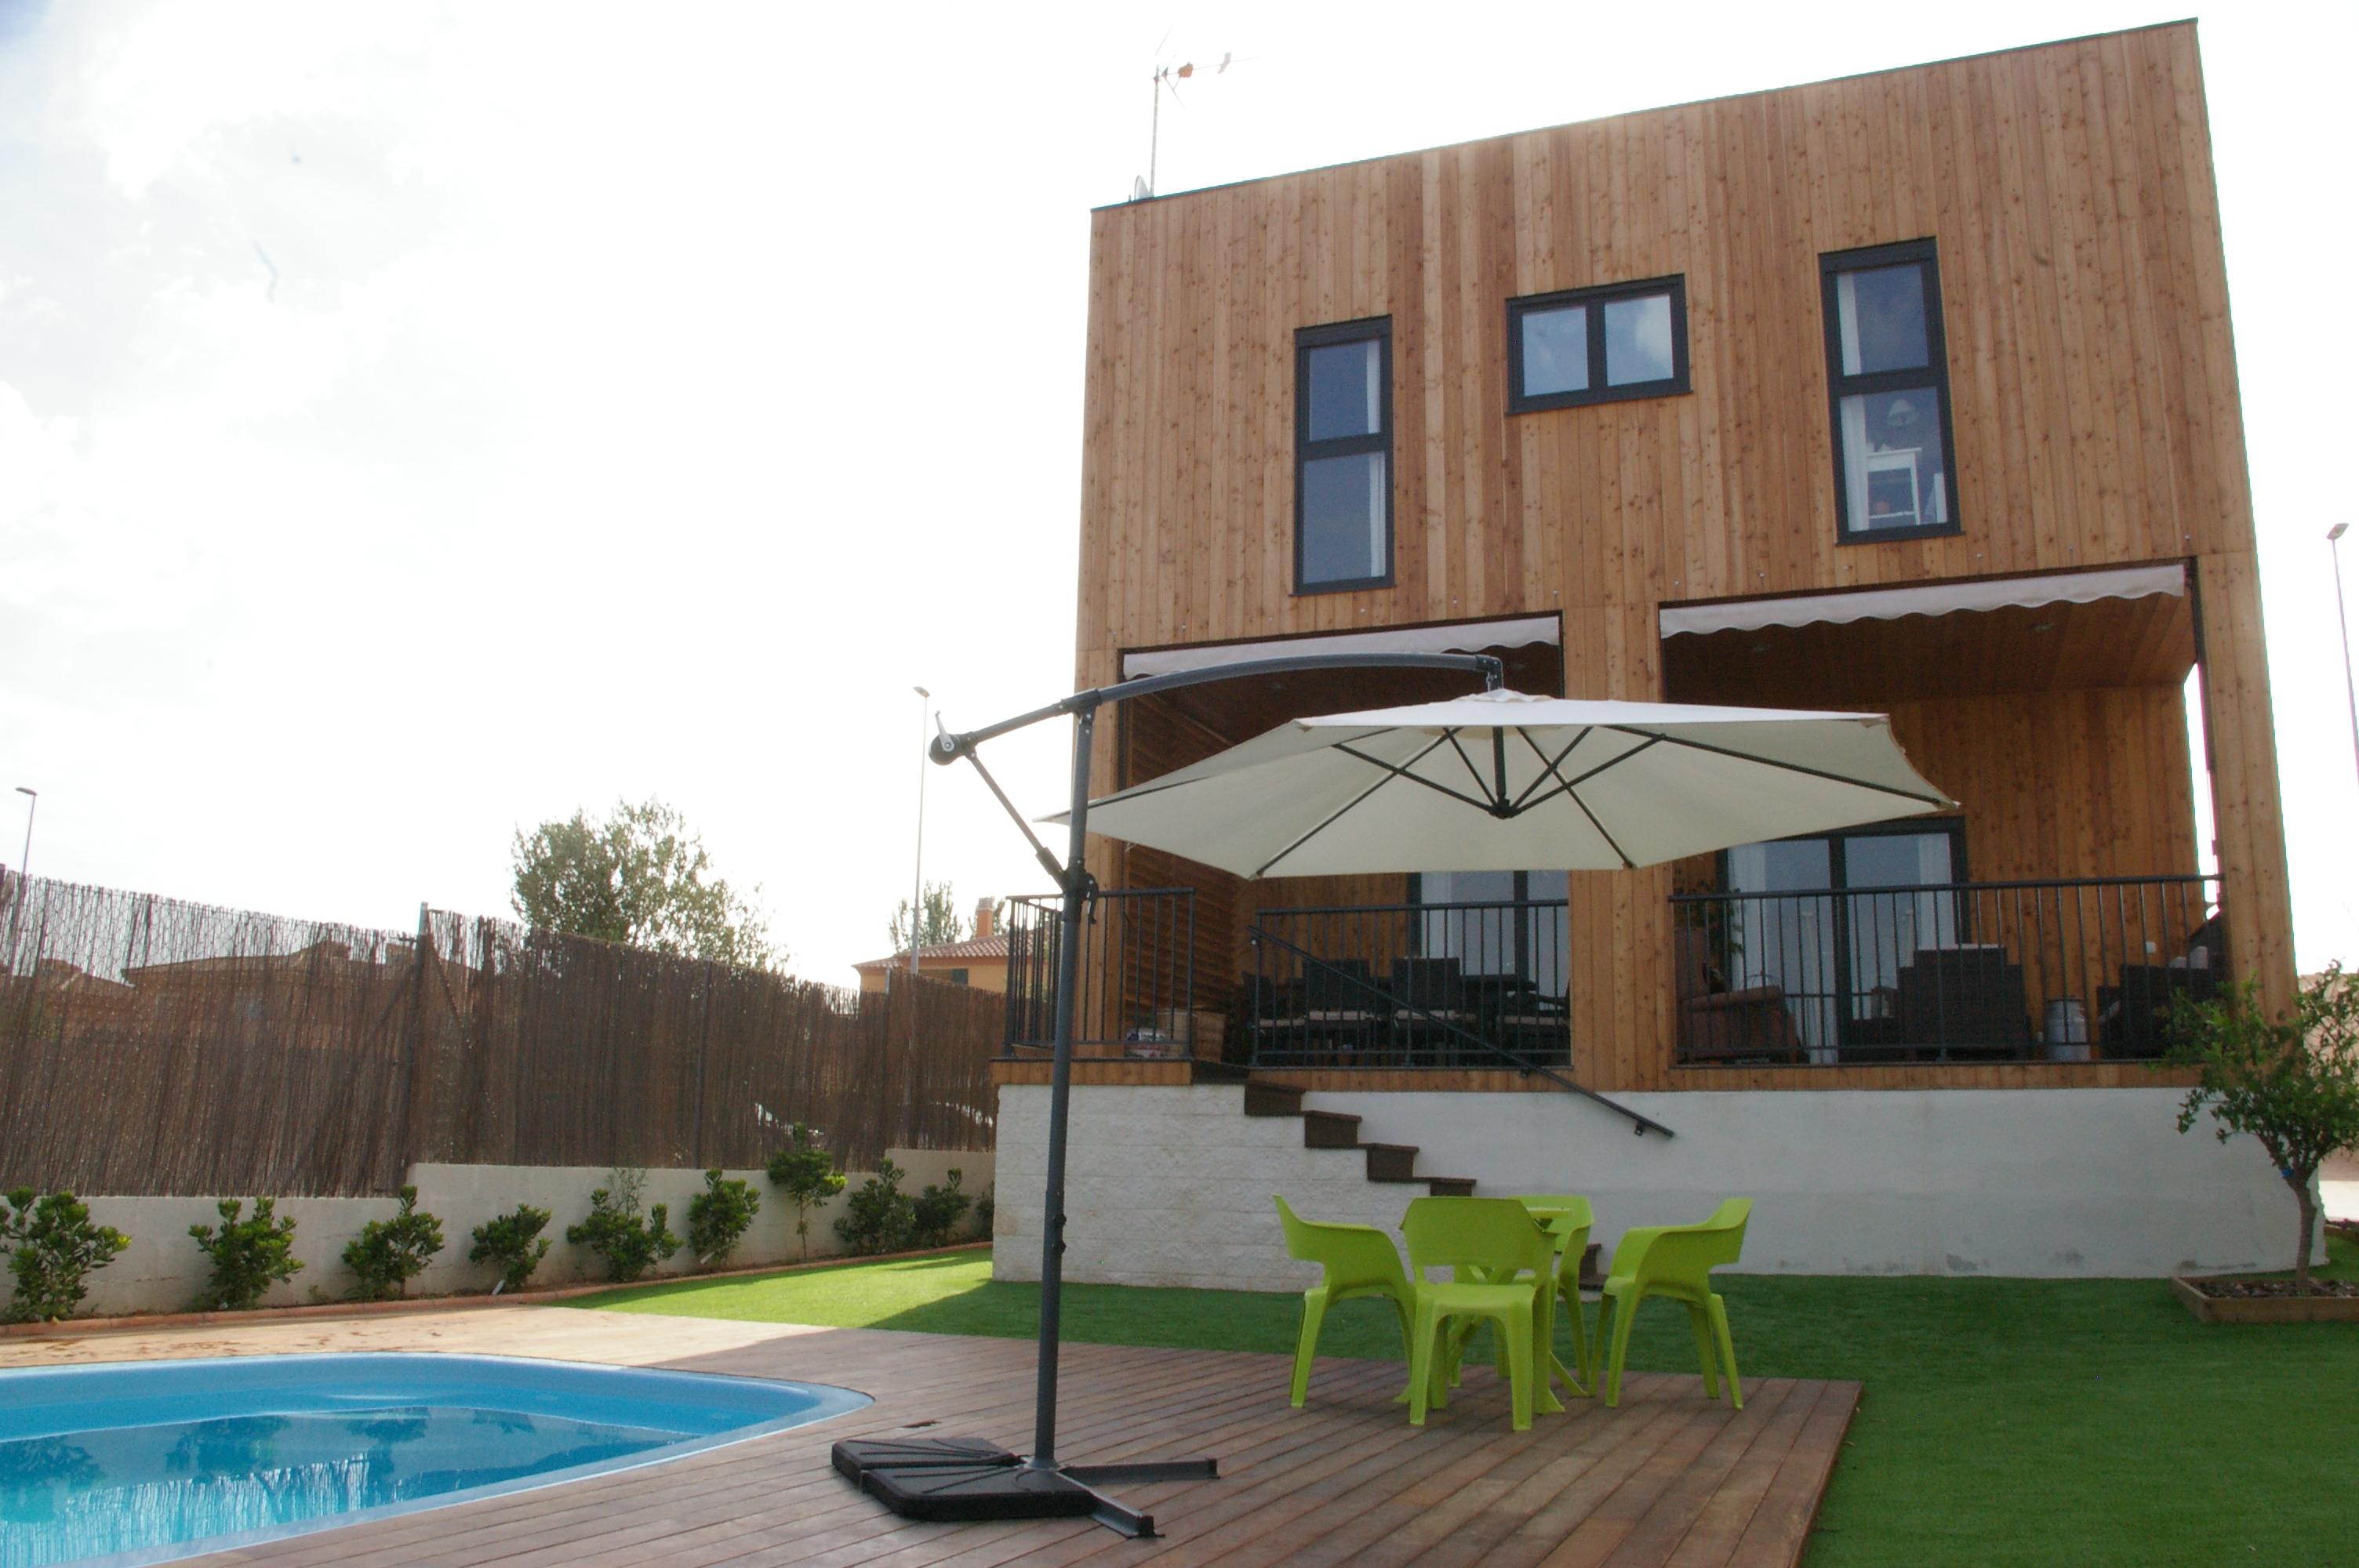 Maison En Bois Casas Natura France (Constructeur)